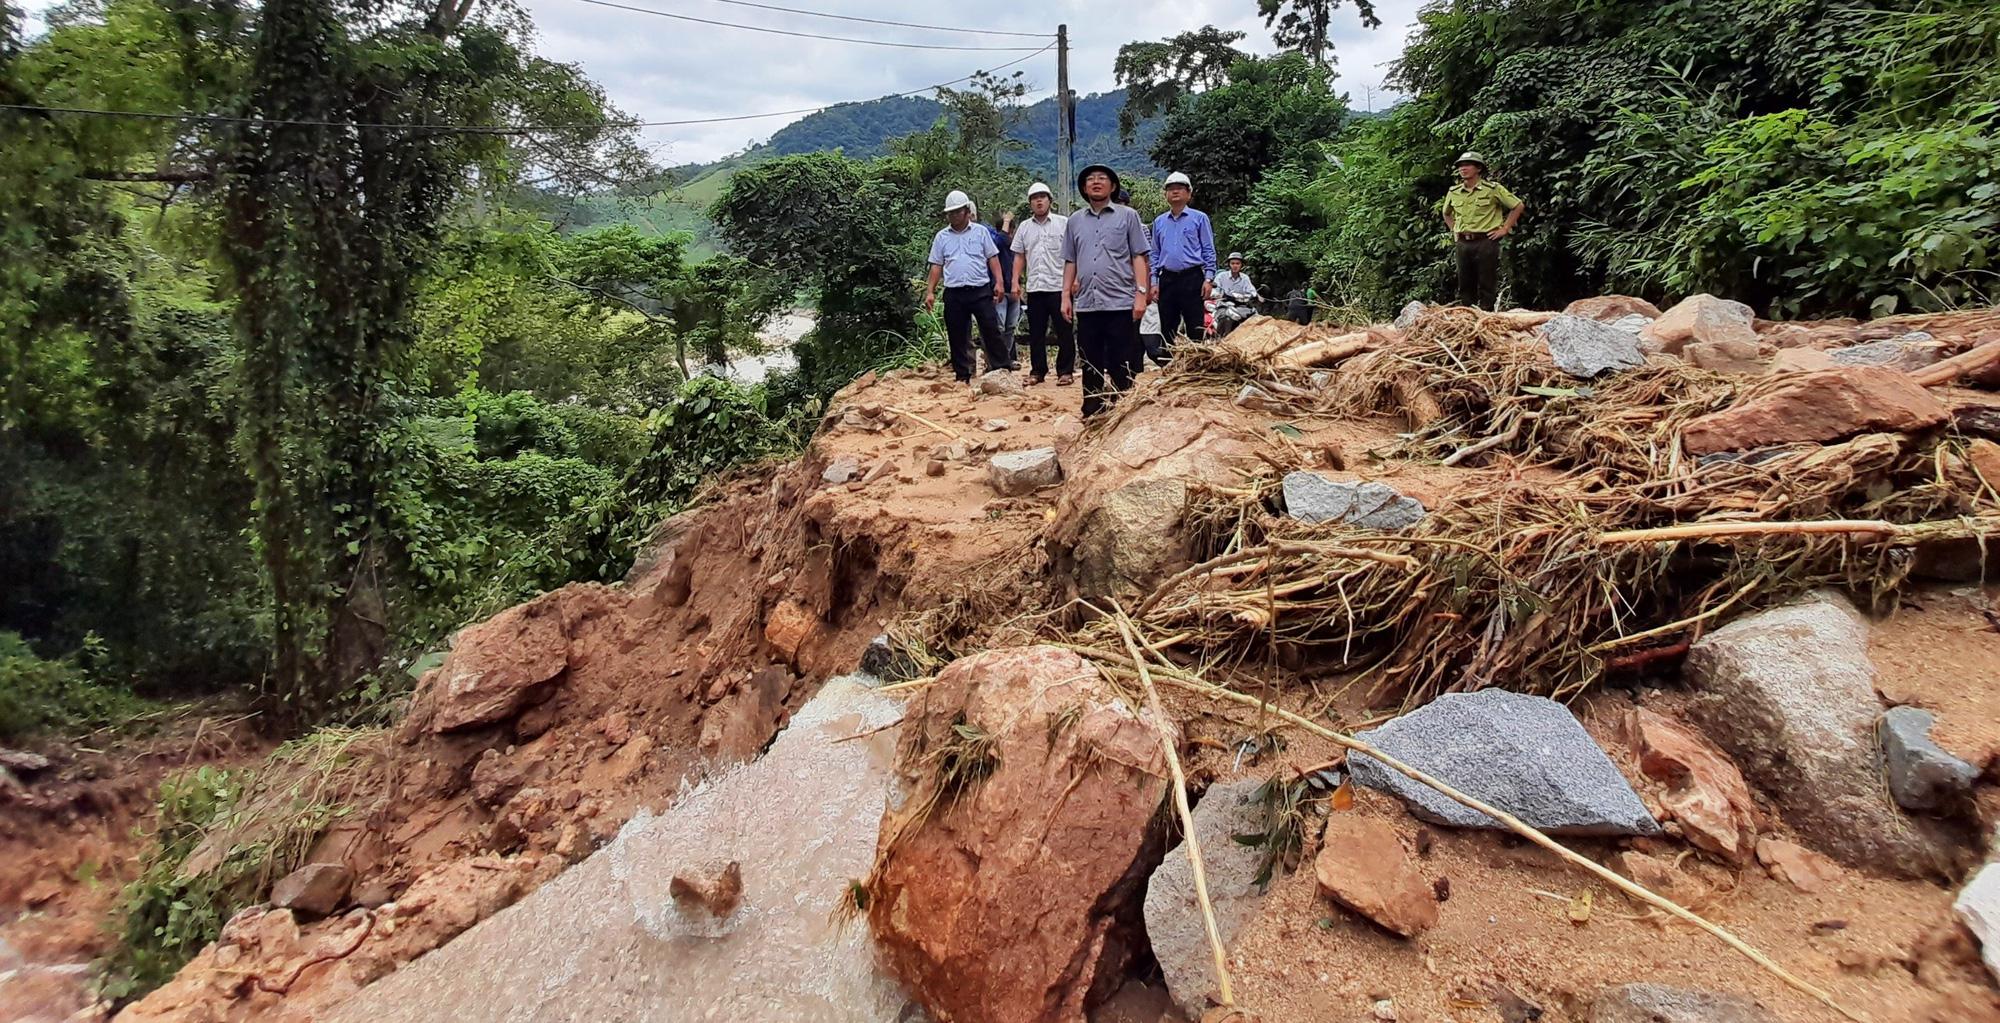 Bí thư, Chủ tịch tỉnh Bình Định Hồ Quốc Dũng thị sát điểm sạt lở nghiêm trọng ở miền núi - Ảnh 1.